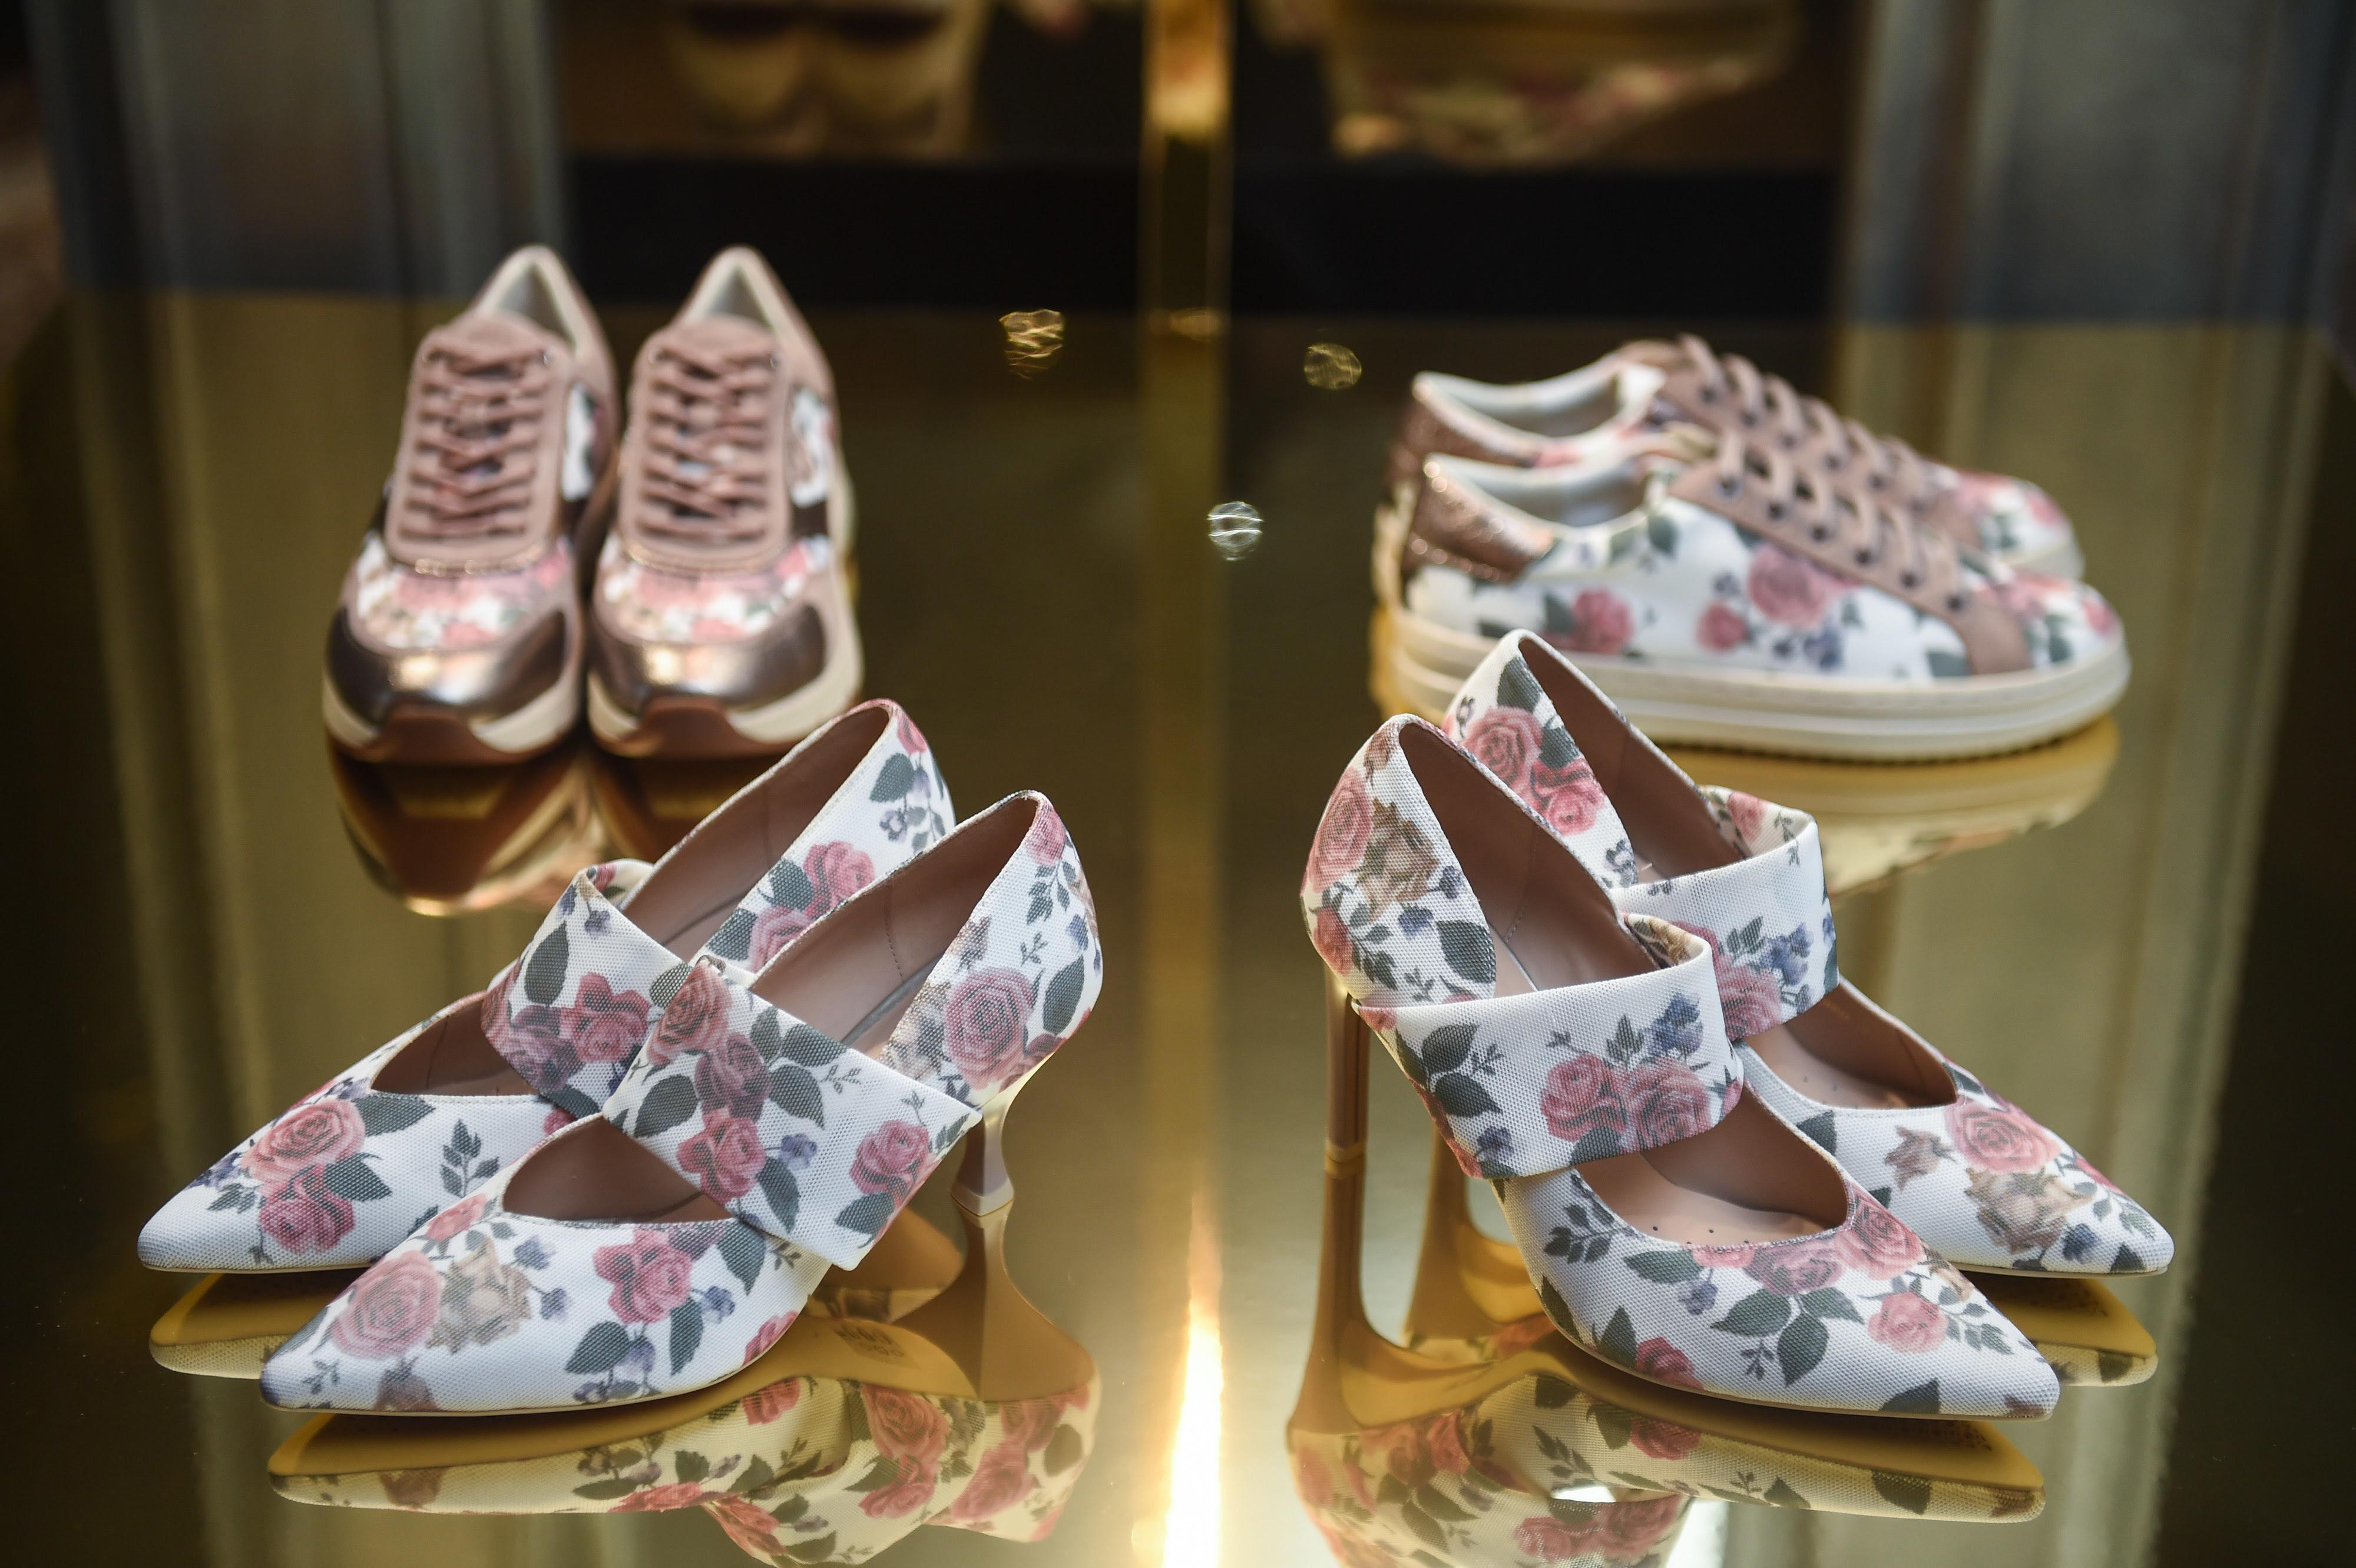 ccff0931 b73b 4574 bb82 c18beeeec820 - GEOX presenta su colección Otoño/Invierno 2020 de calzado y prendas exteriores para mujer